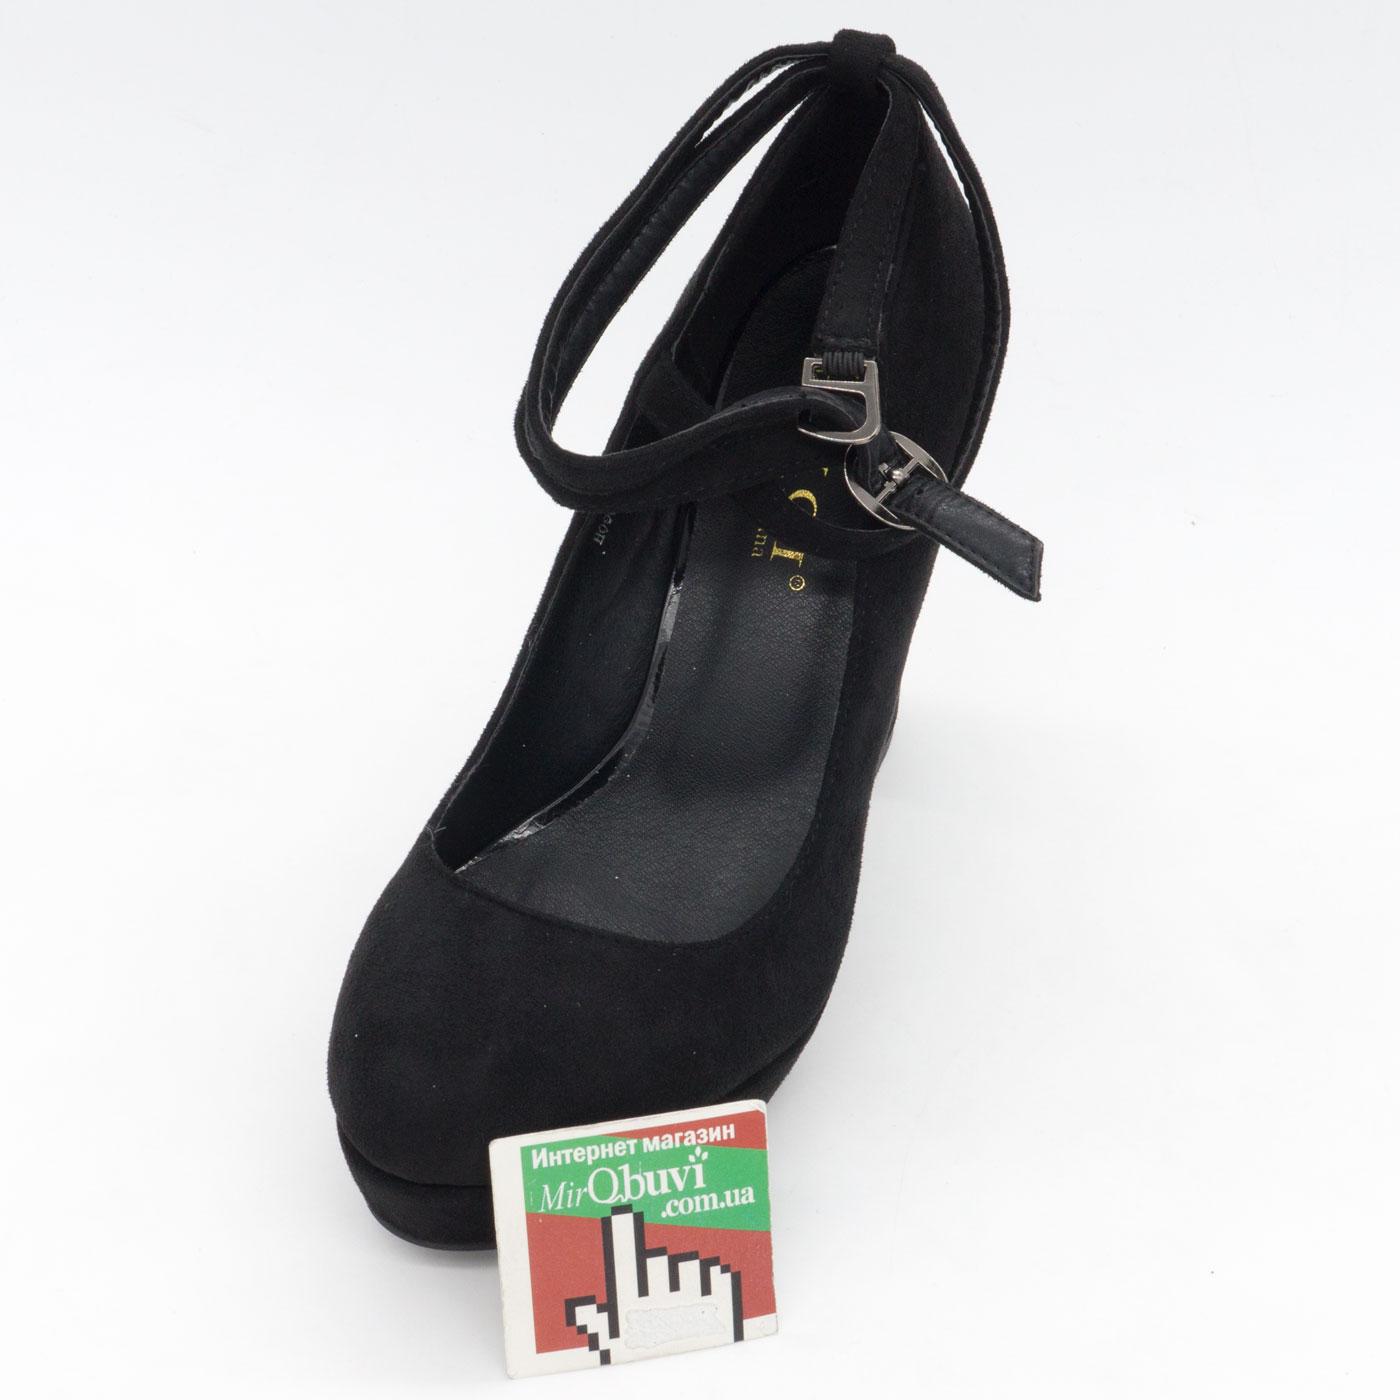 фото front Женские туфли LIICI H095-B668 черные на платформе  front